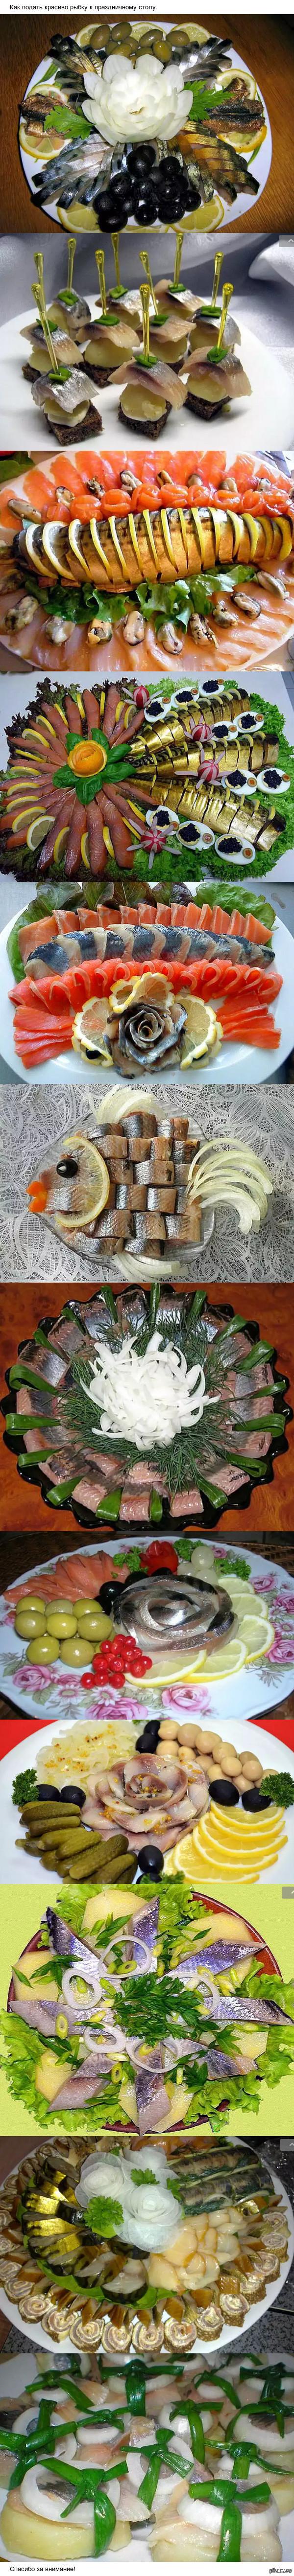 Как красиво подать рыбку к праздничному столу.